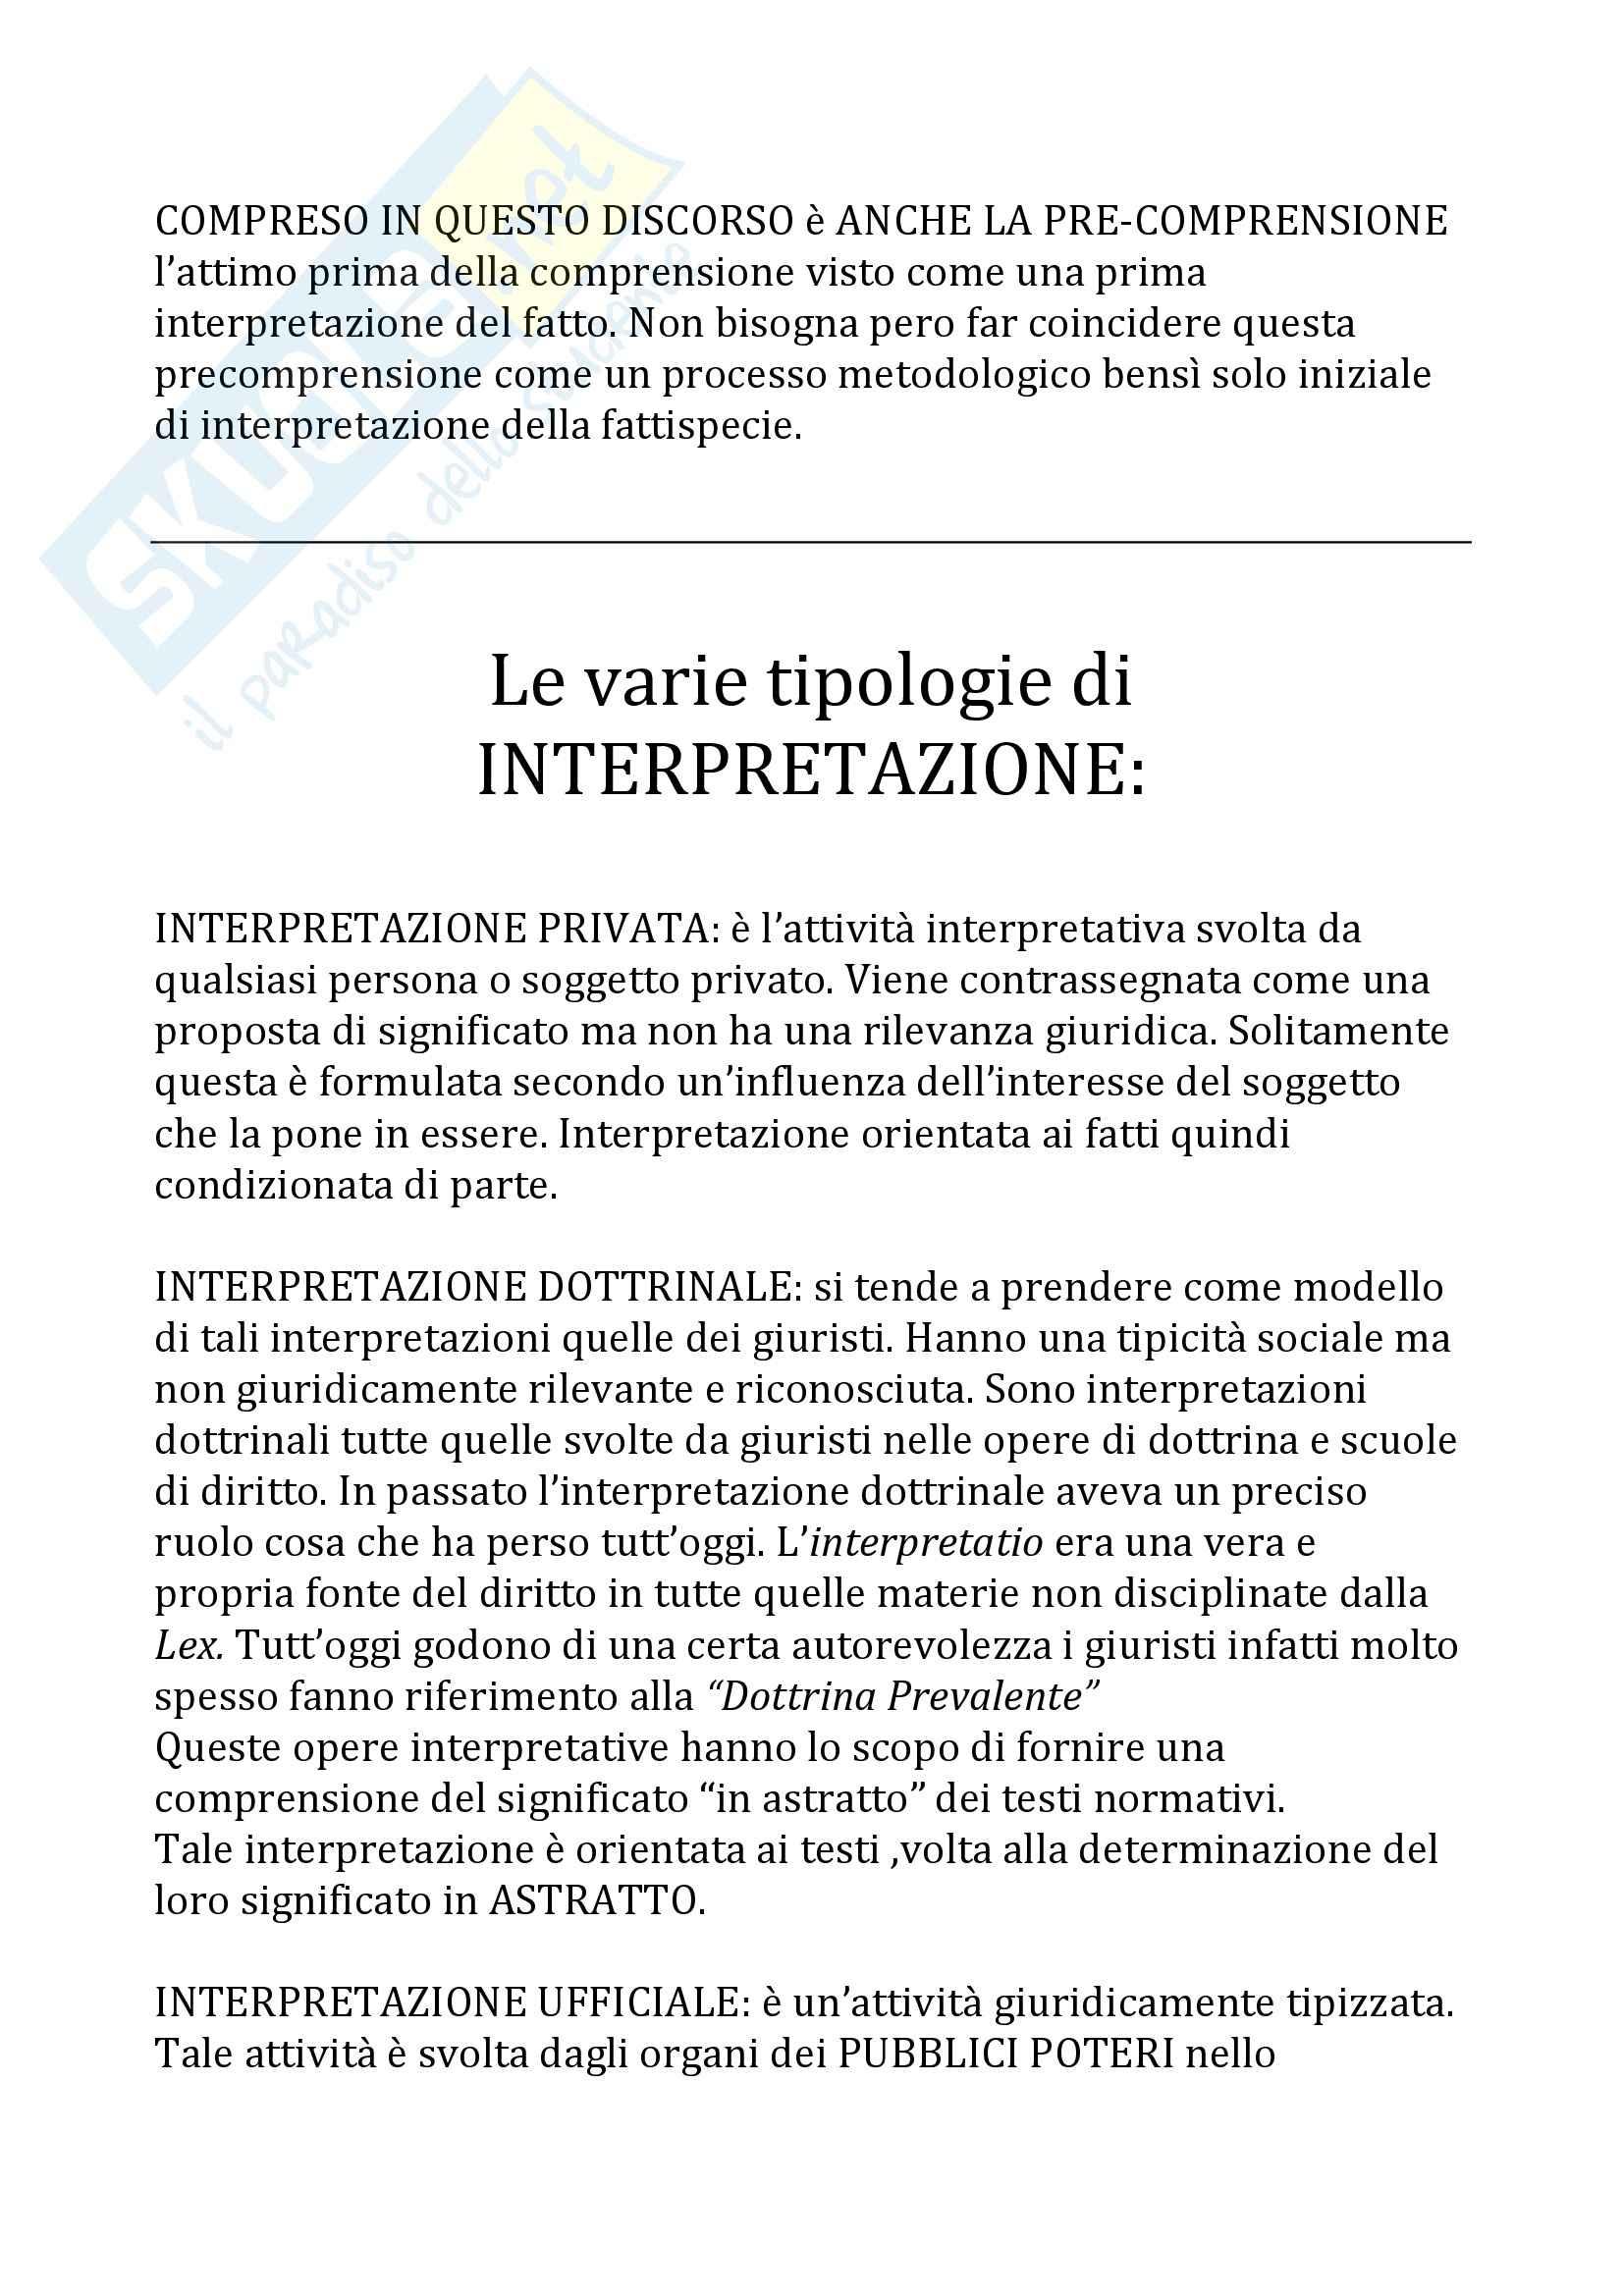 Teoria del diritto e dell'interpretazione - Appunti Pag. 11